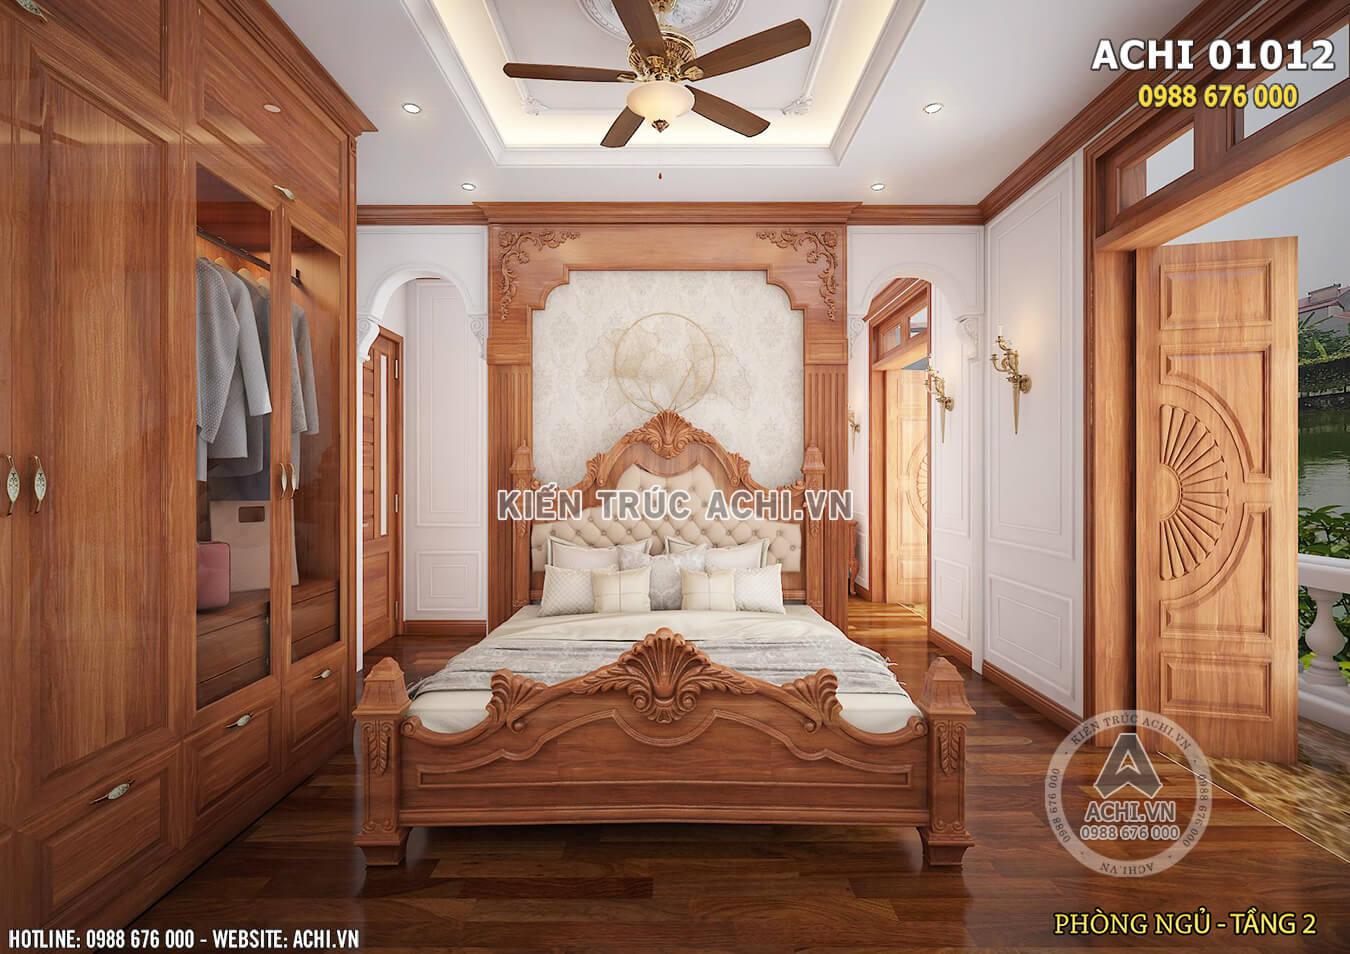 Không gian nội thất phòng ngủ tầng 2 với chất liệu gỗ ấn tượng